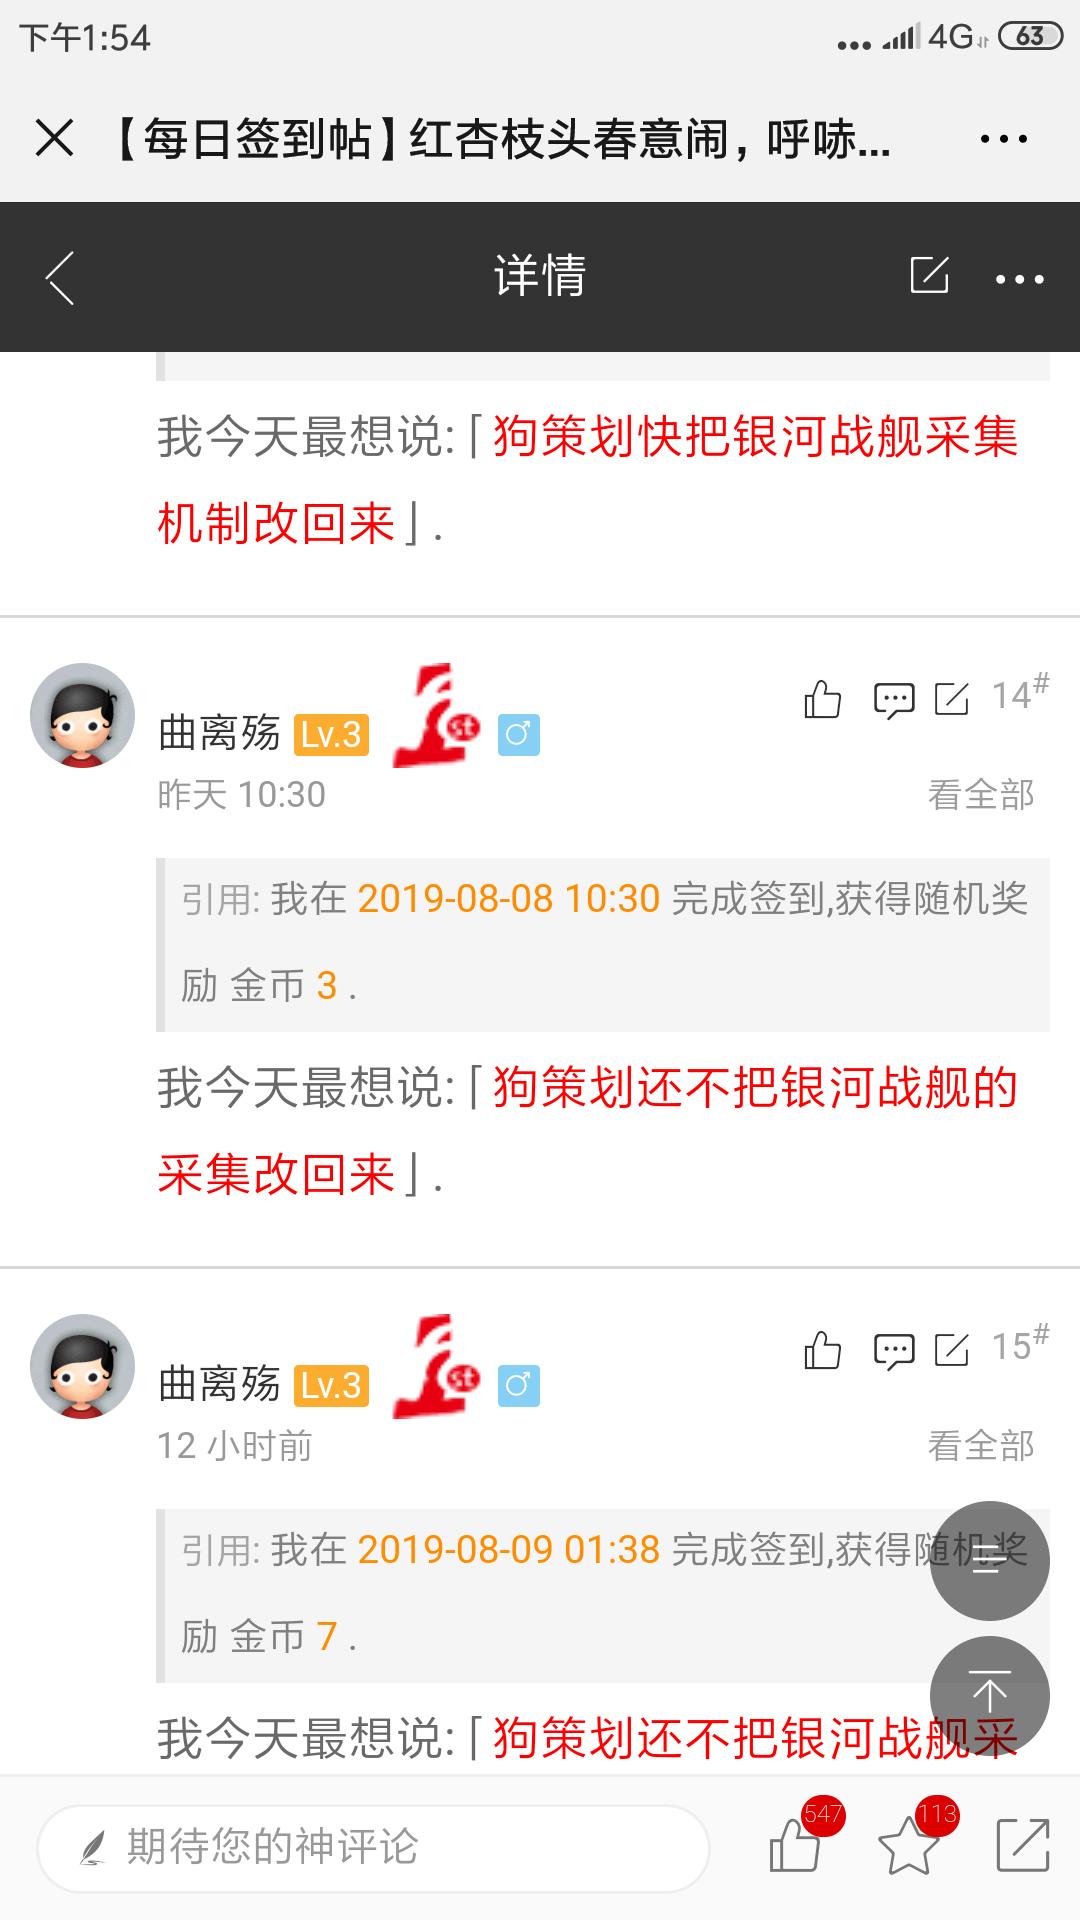 Screenshot_2019-08-09-13-54-33-091_com.tencent.mm.png